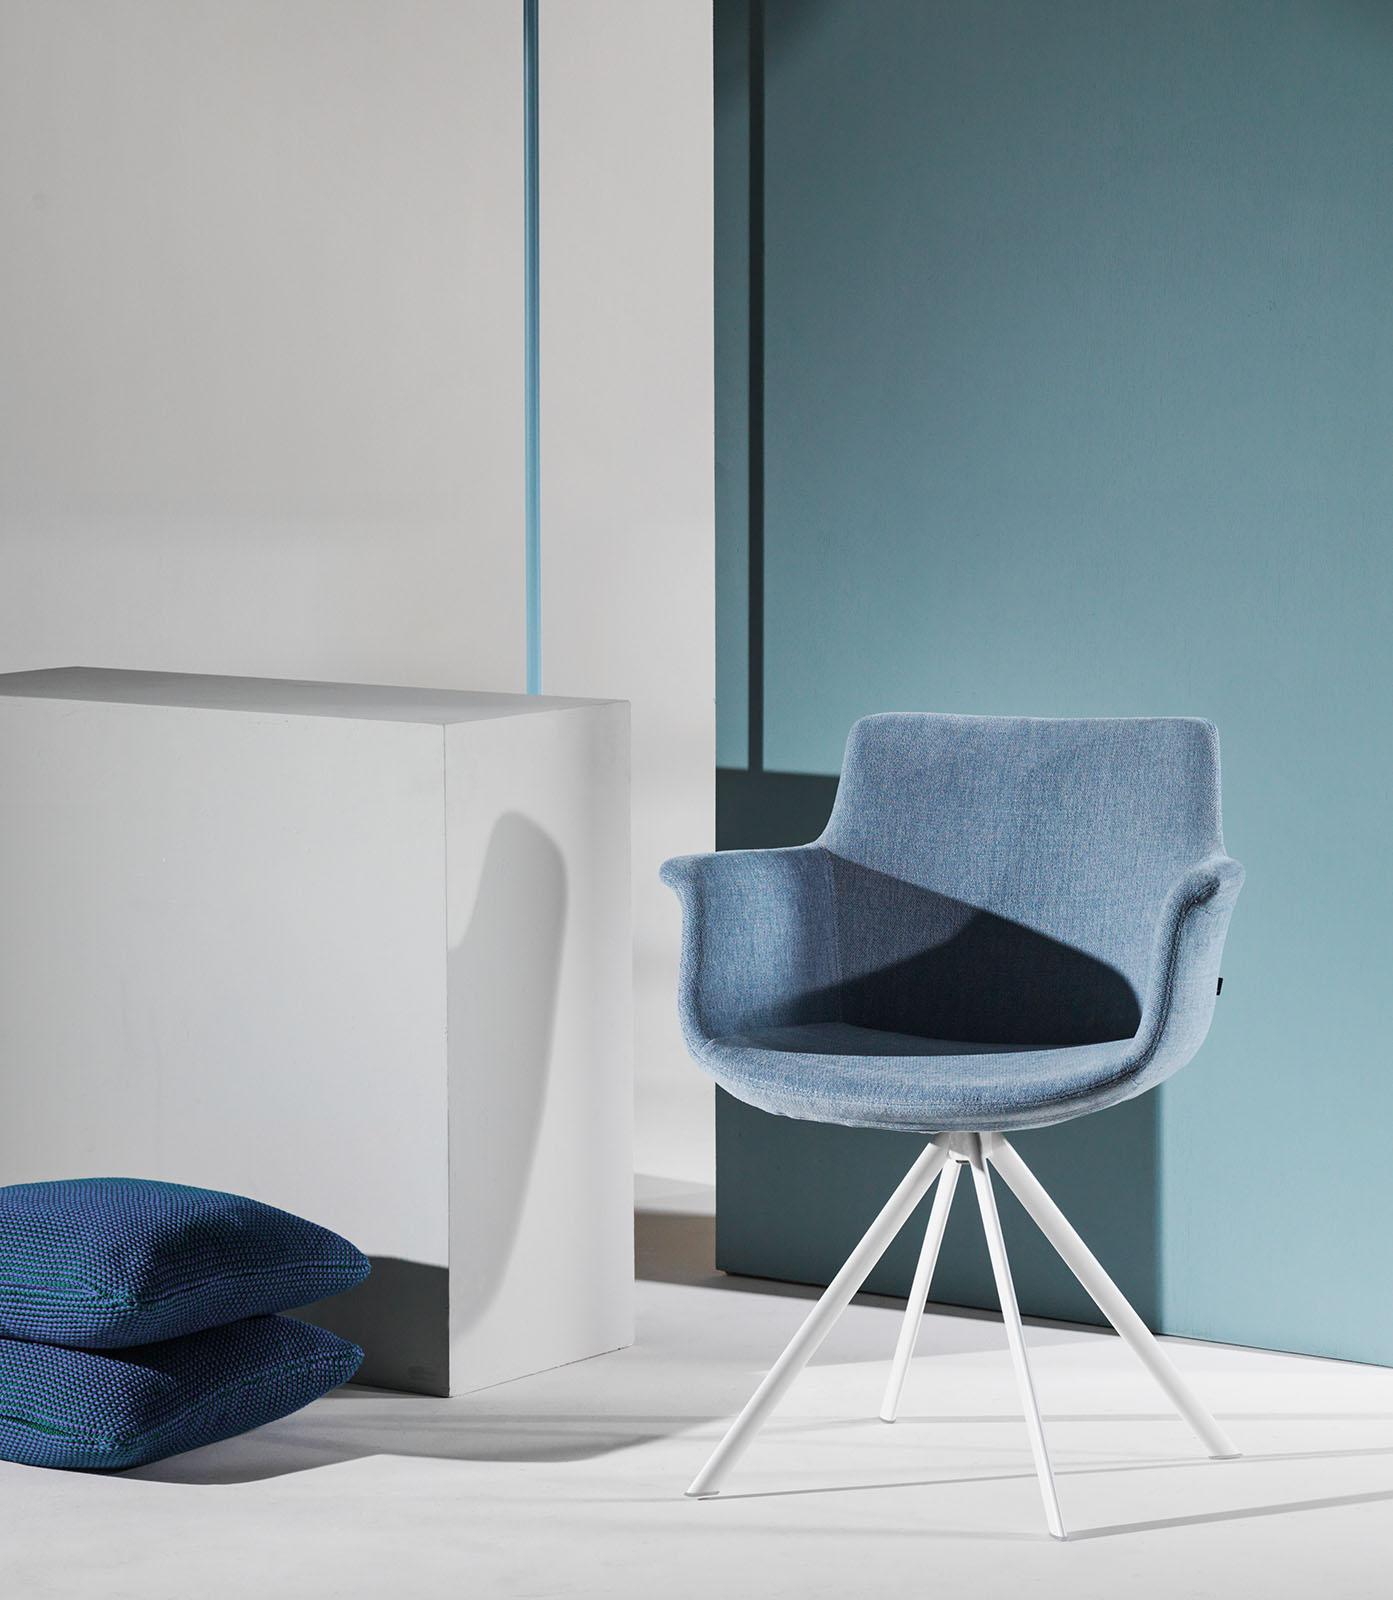 Cette chaise design au revêtement en tissu apporte une certaine douceur.